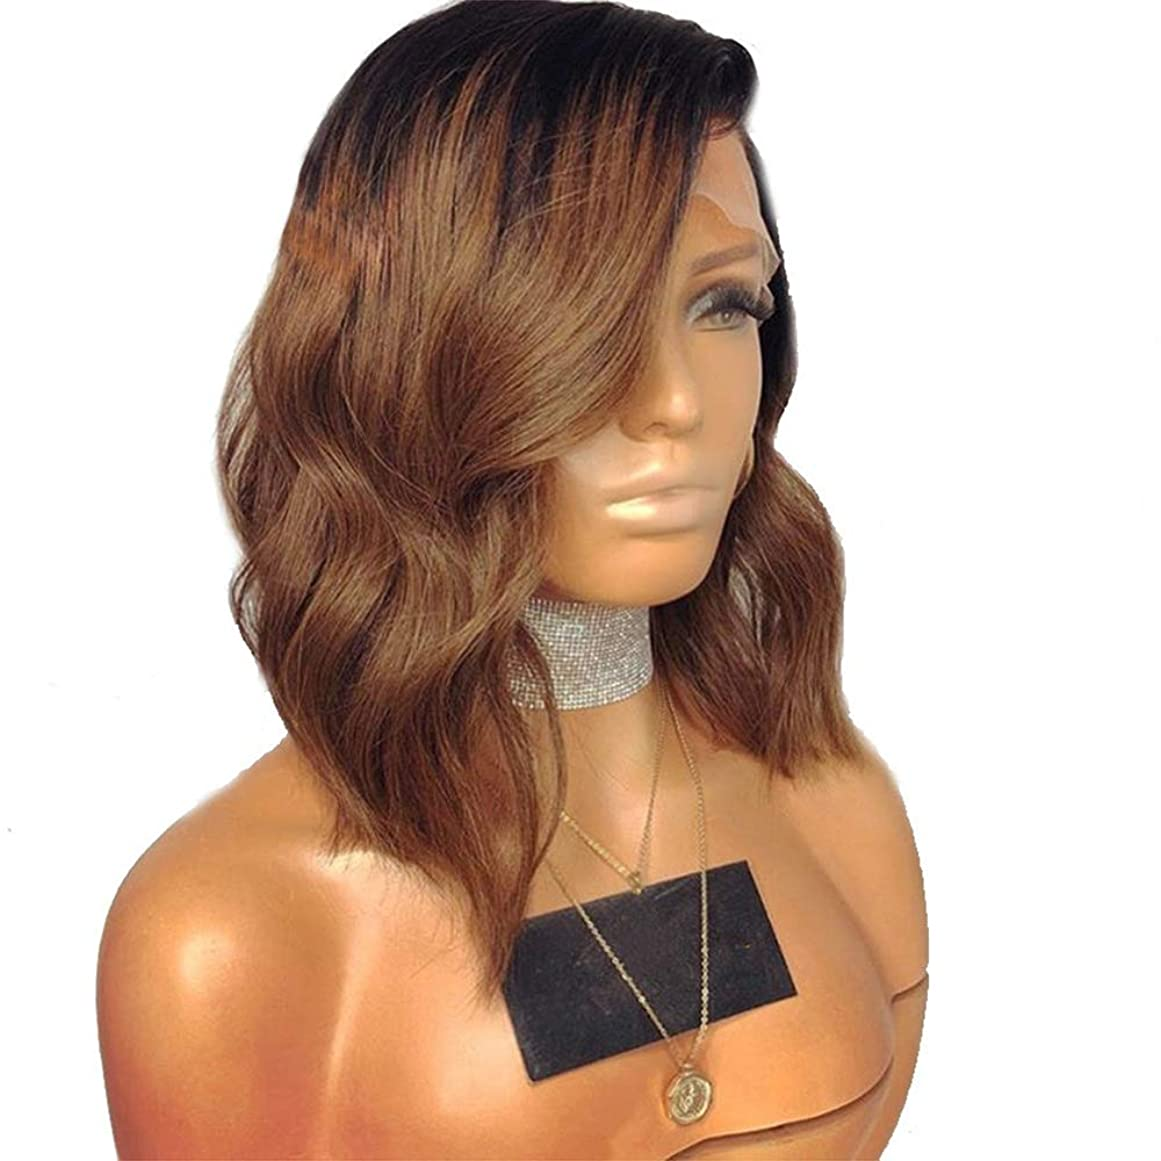 博覧会エキサイティングシミュレートするフロントレースファッションナチュラルブラウンショートカール合成レースフロントウィッグ180%密度耐熱髪の女性のかつら18インチ